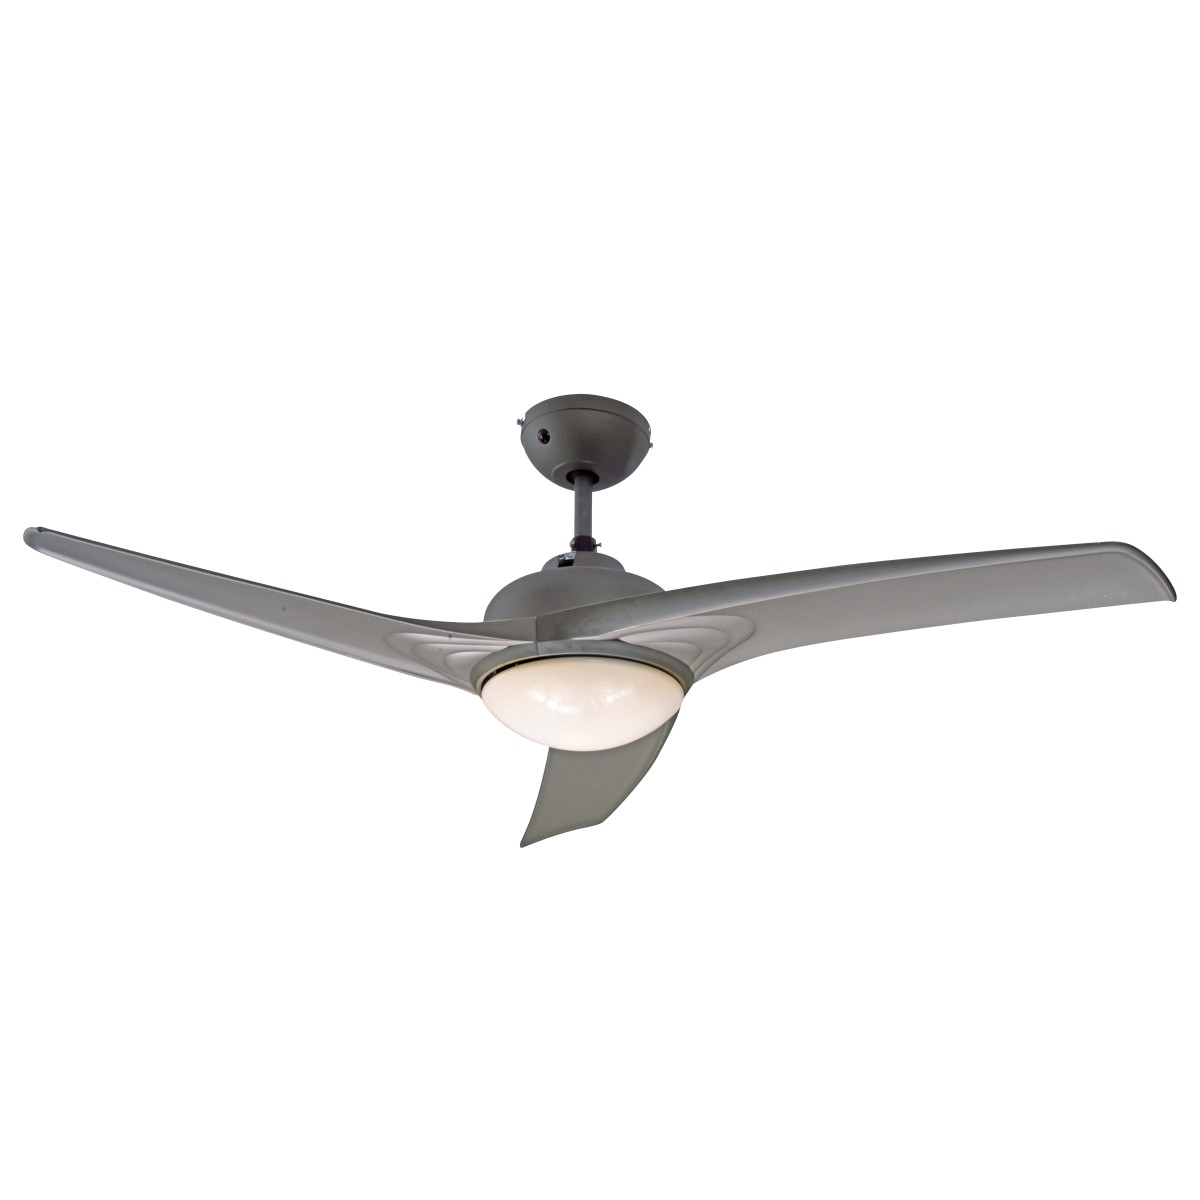 Miglior ventilatore pale soffitto prezzo offerte for Stendibiancheria soffitto leroy merlin